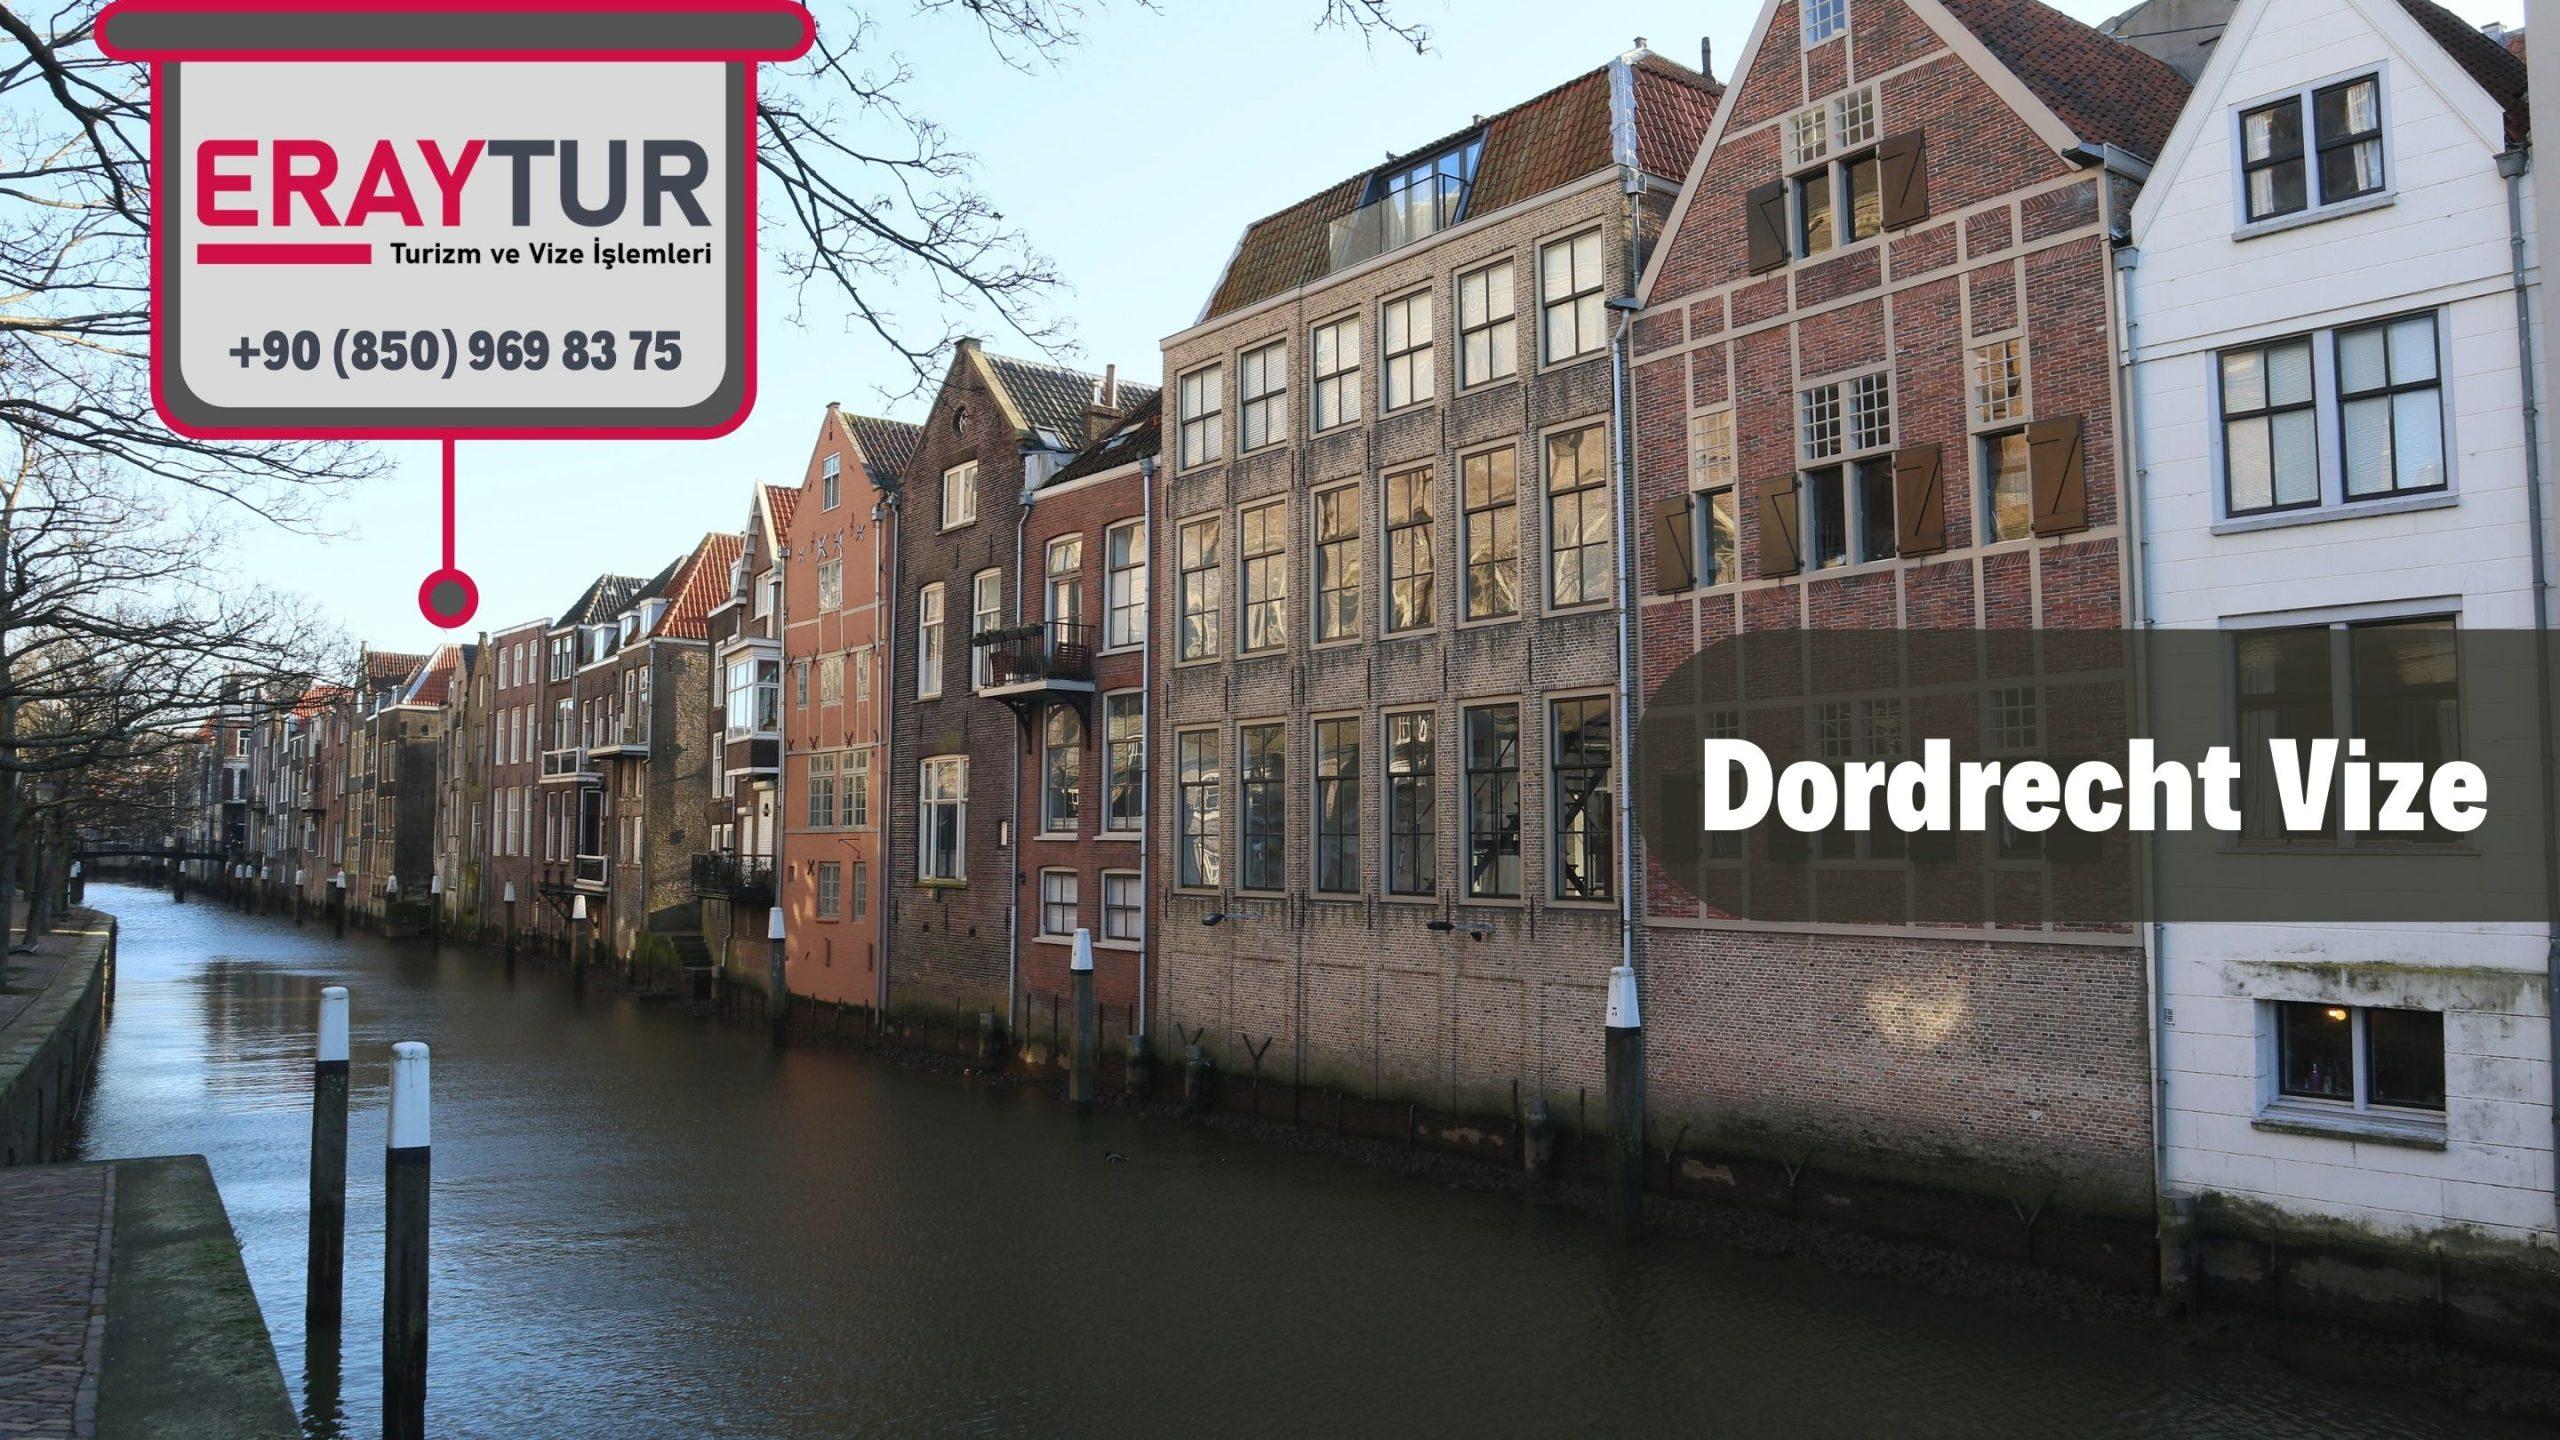 Dordrecht Vize 1 – dordrecht vize scaled